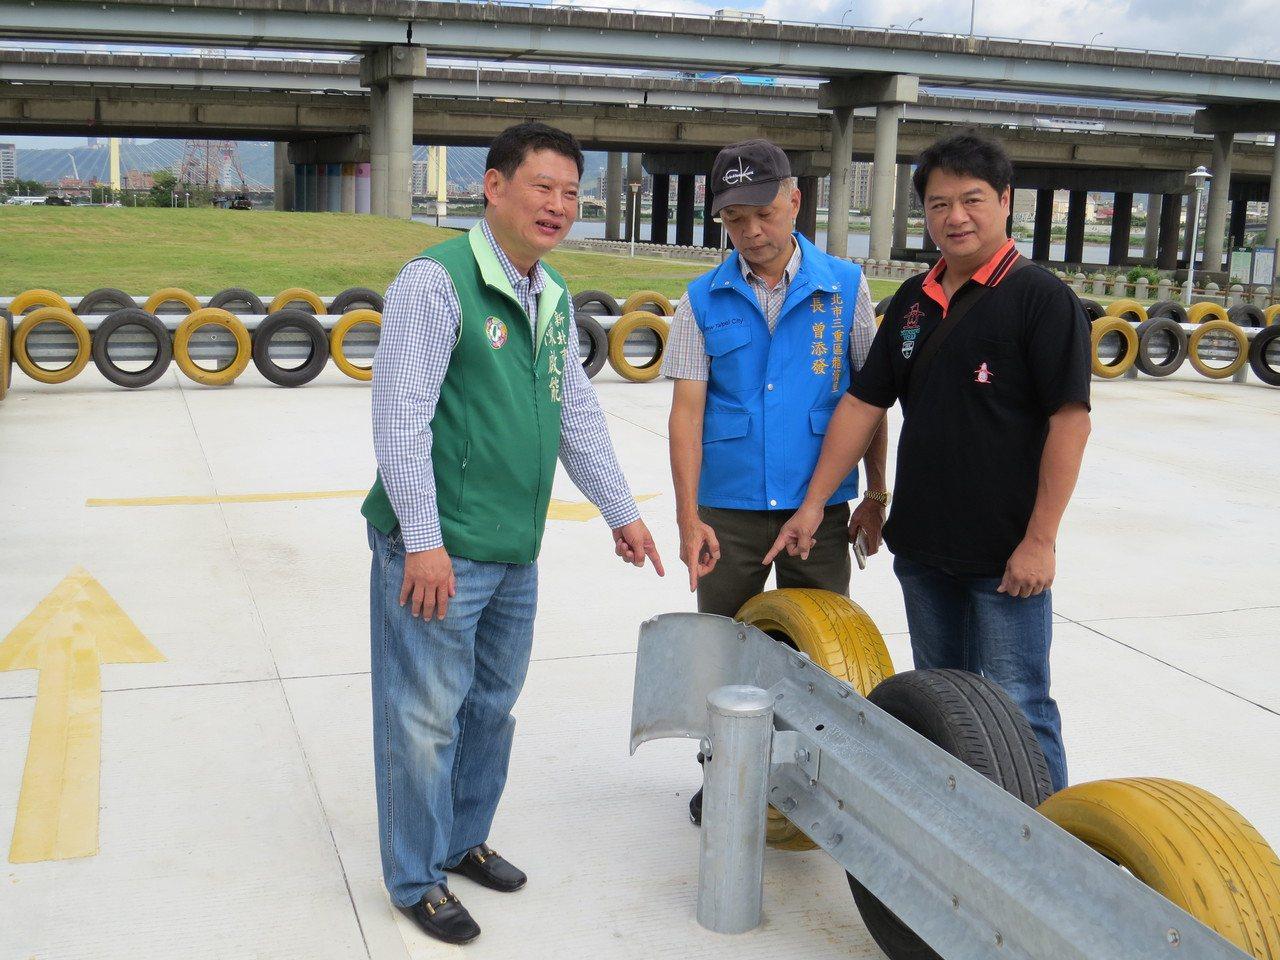 議員陳啟能(左)要求練習跑道2側皆加裝防撞設備,以維護練習者安全。